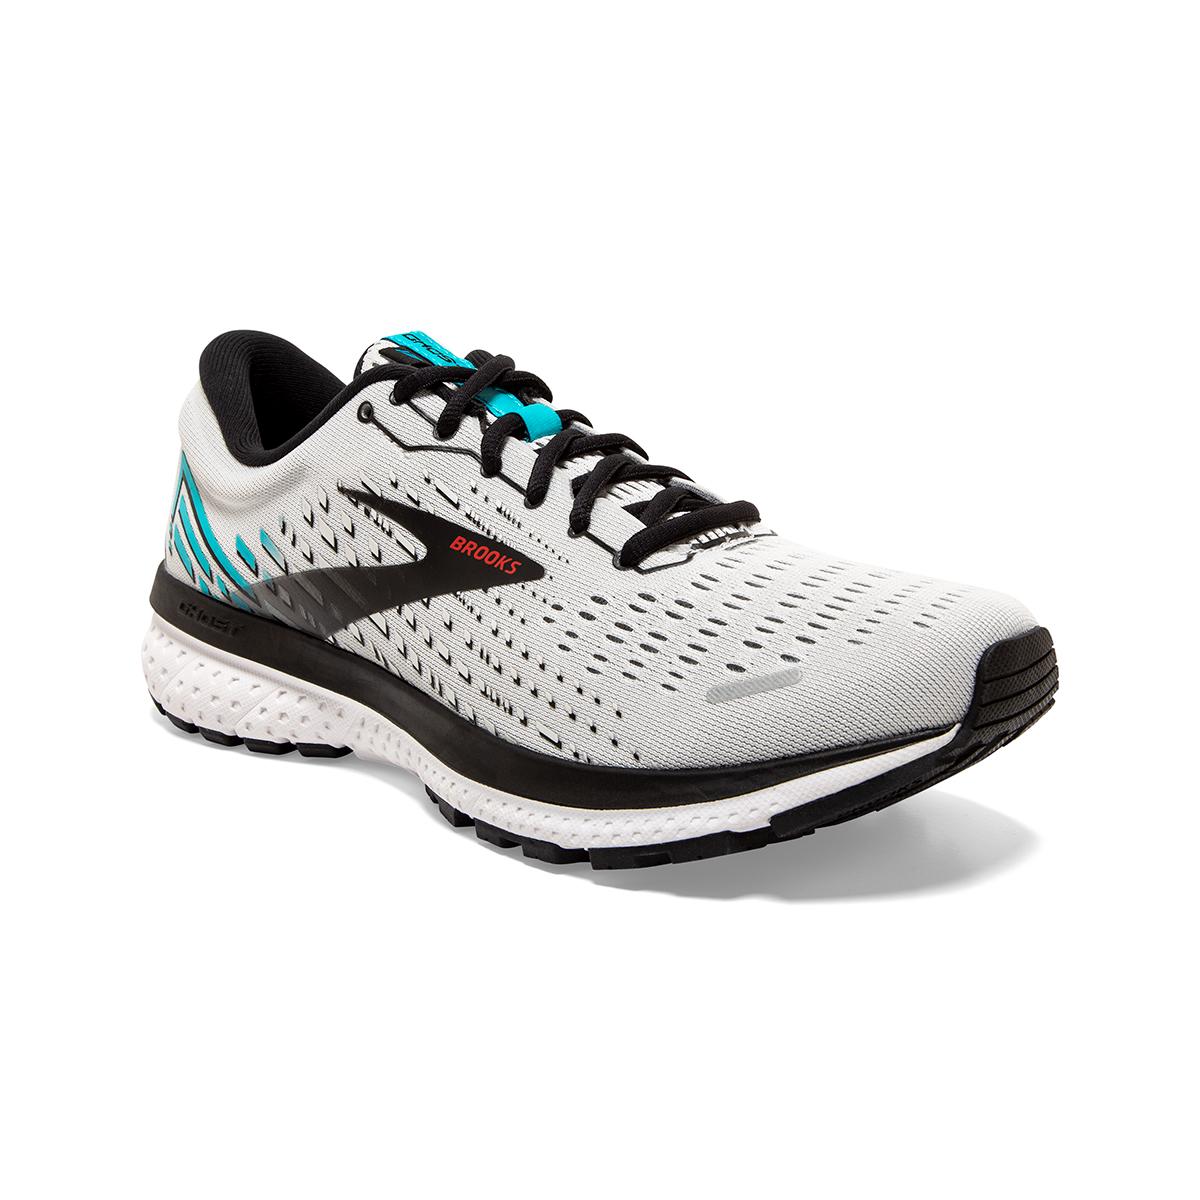 Men's Brooks Ghost 13 Running Shoe - Color: Grey/Black - Size: 7 - Width: Regular, Grey/Black, large, image 4